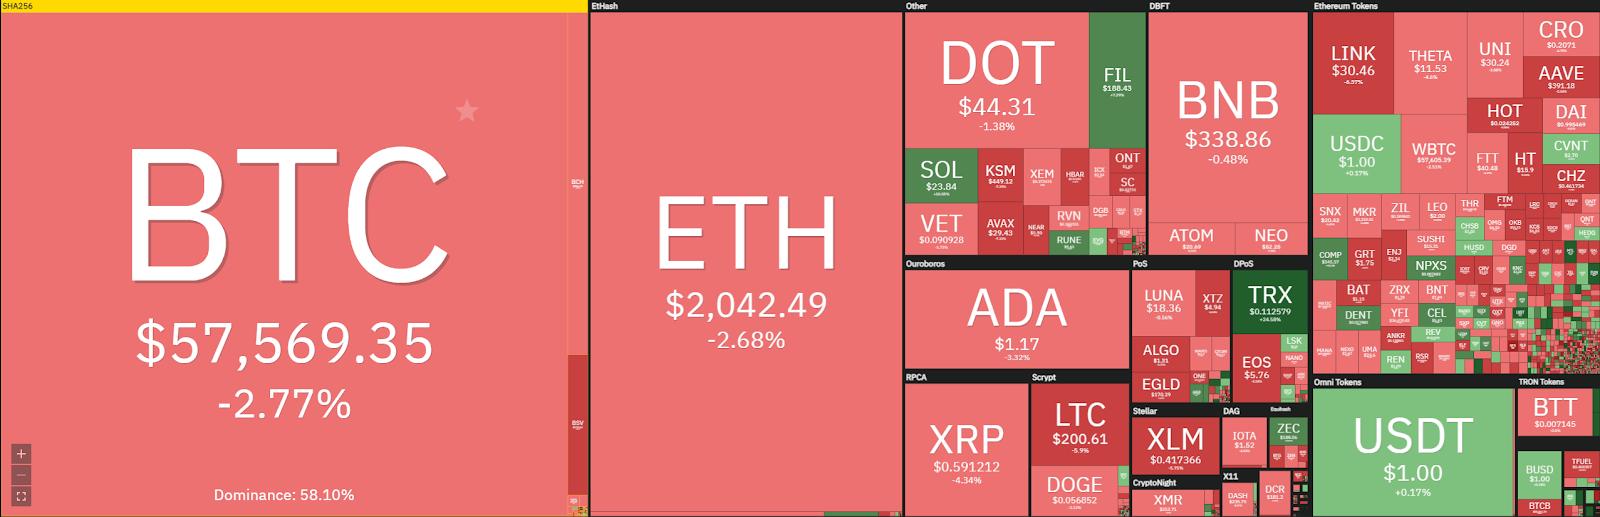 Bitcoin price prediction: Bitcoin rejects $60,000 again, retraces to $57,000 1